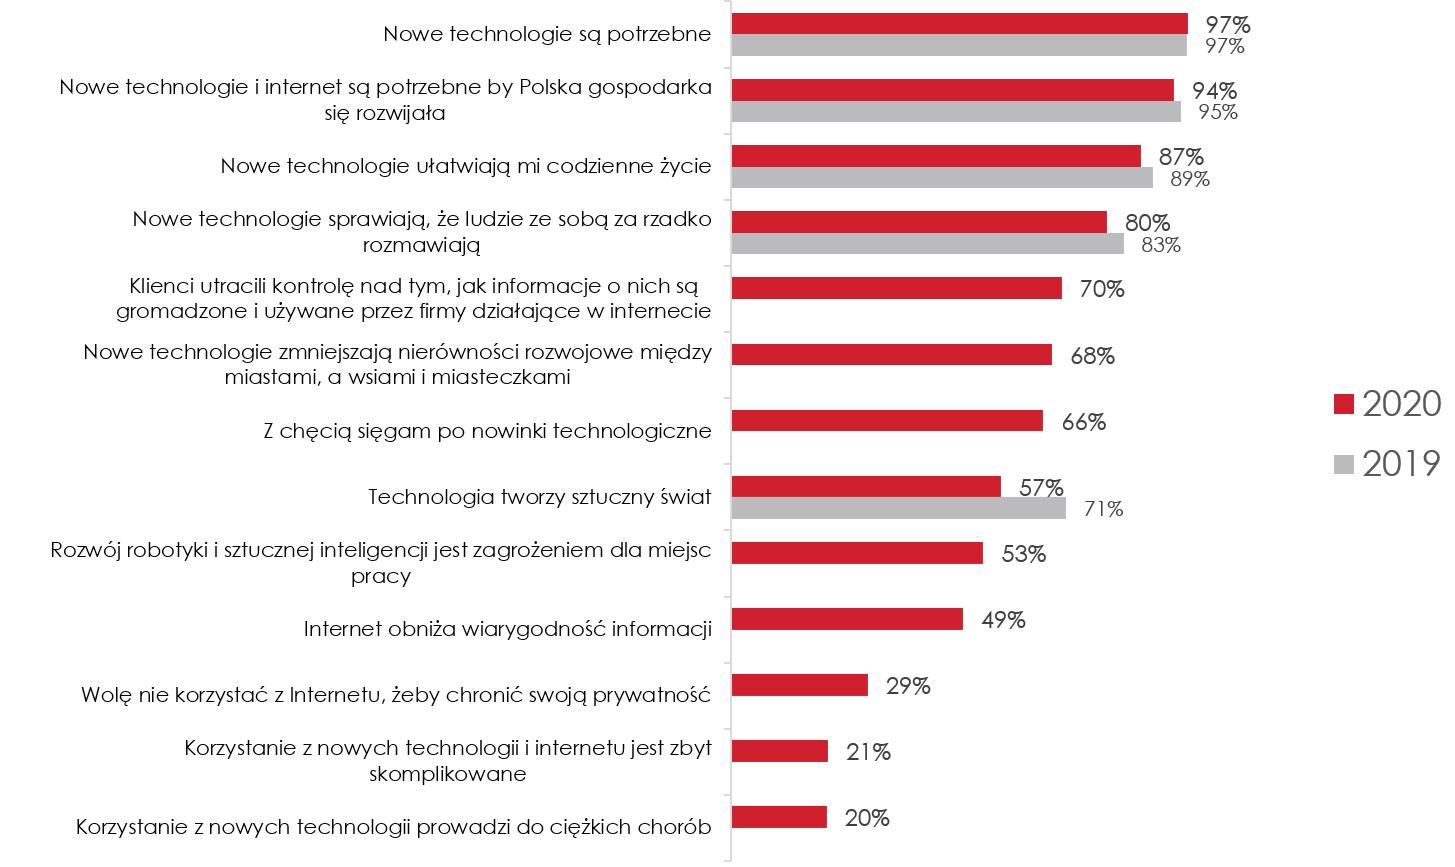 Nastawienie Polaków do technologii